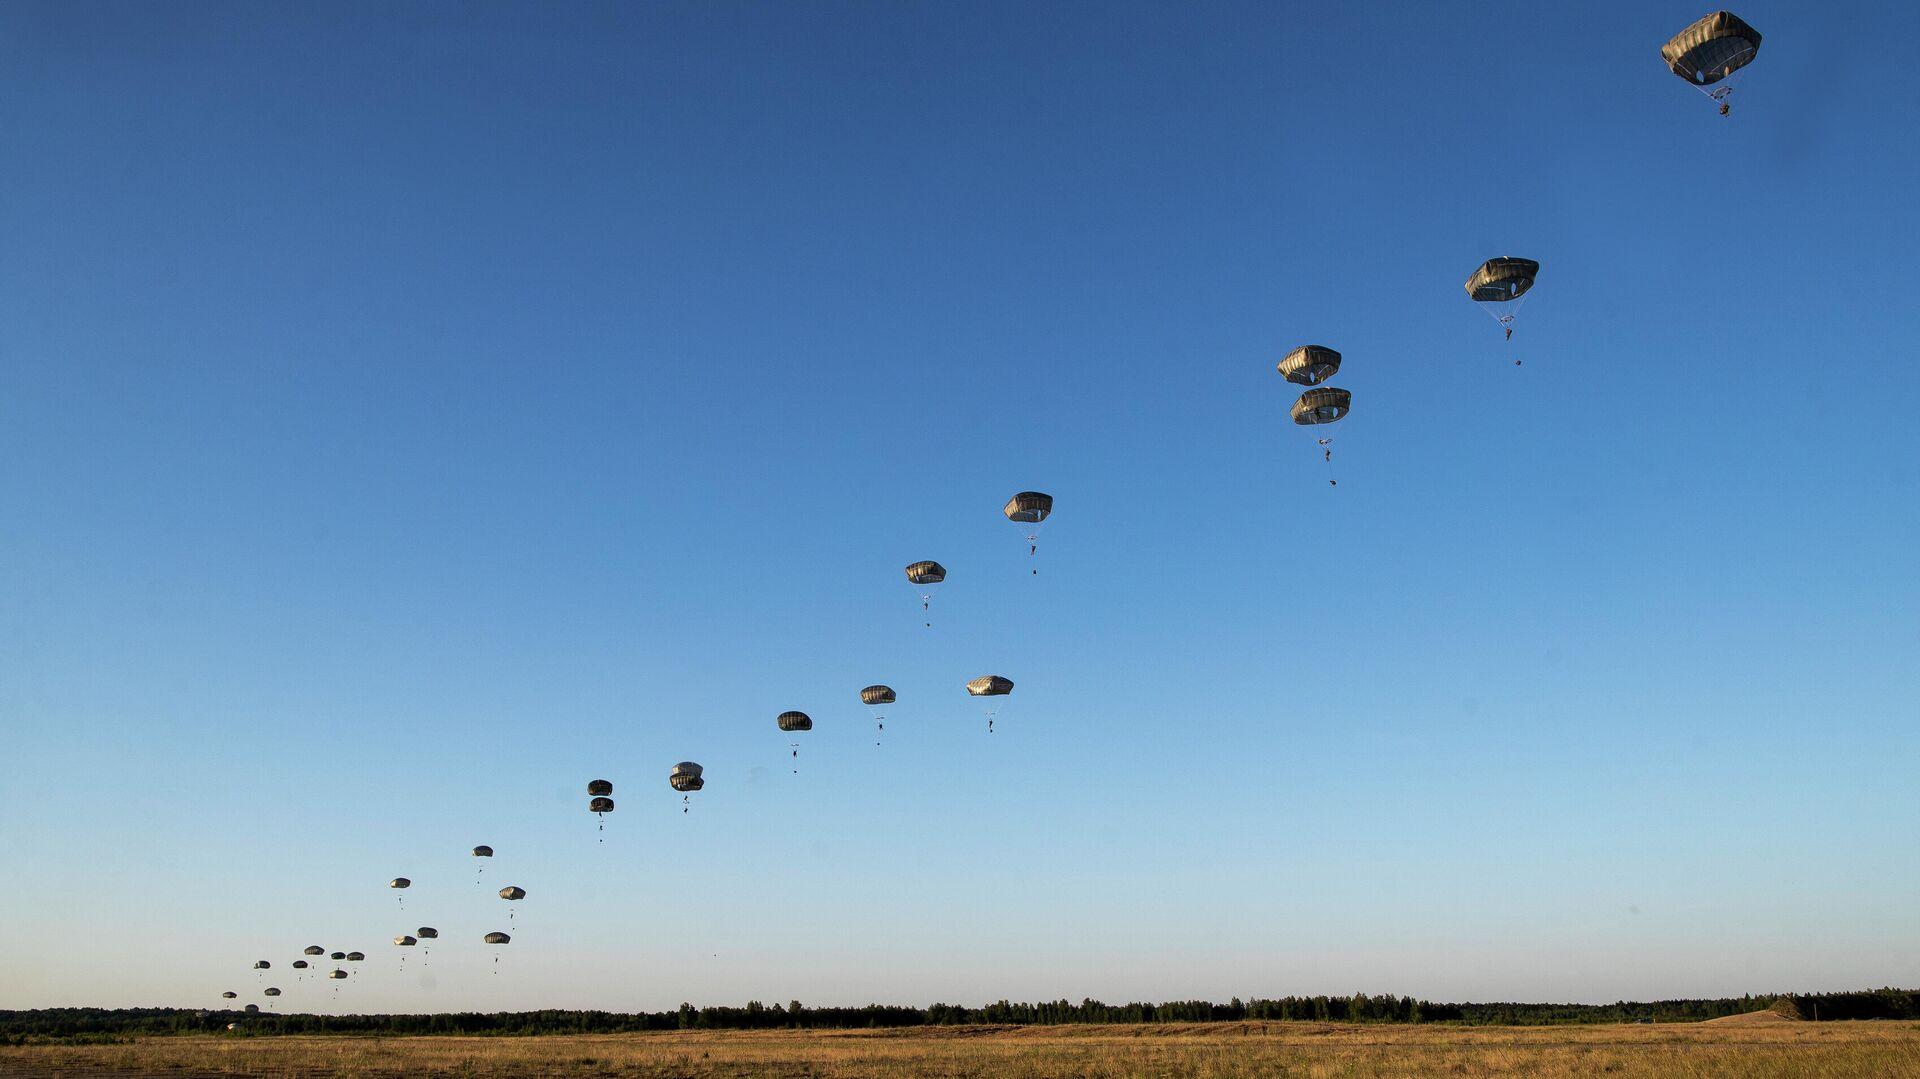 Unos paracaidistas de la 82 División Aerotransportada del Ejército de EEUU participan de maniobras militares en los países bálticos el junio de 2018 (archivo) - Sputnik Mundo, 1920, 09.05.2021